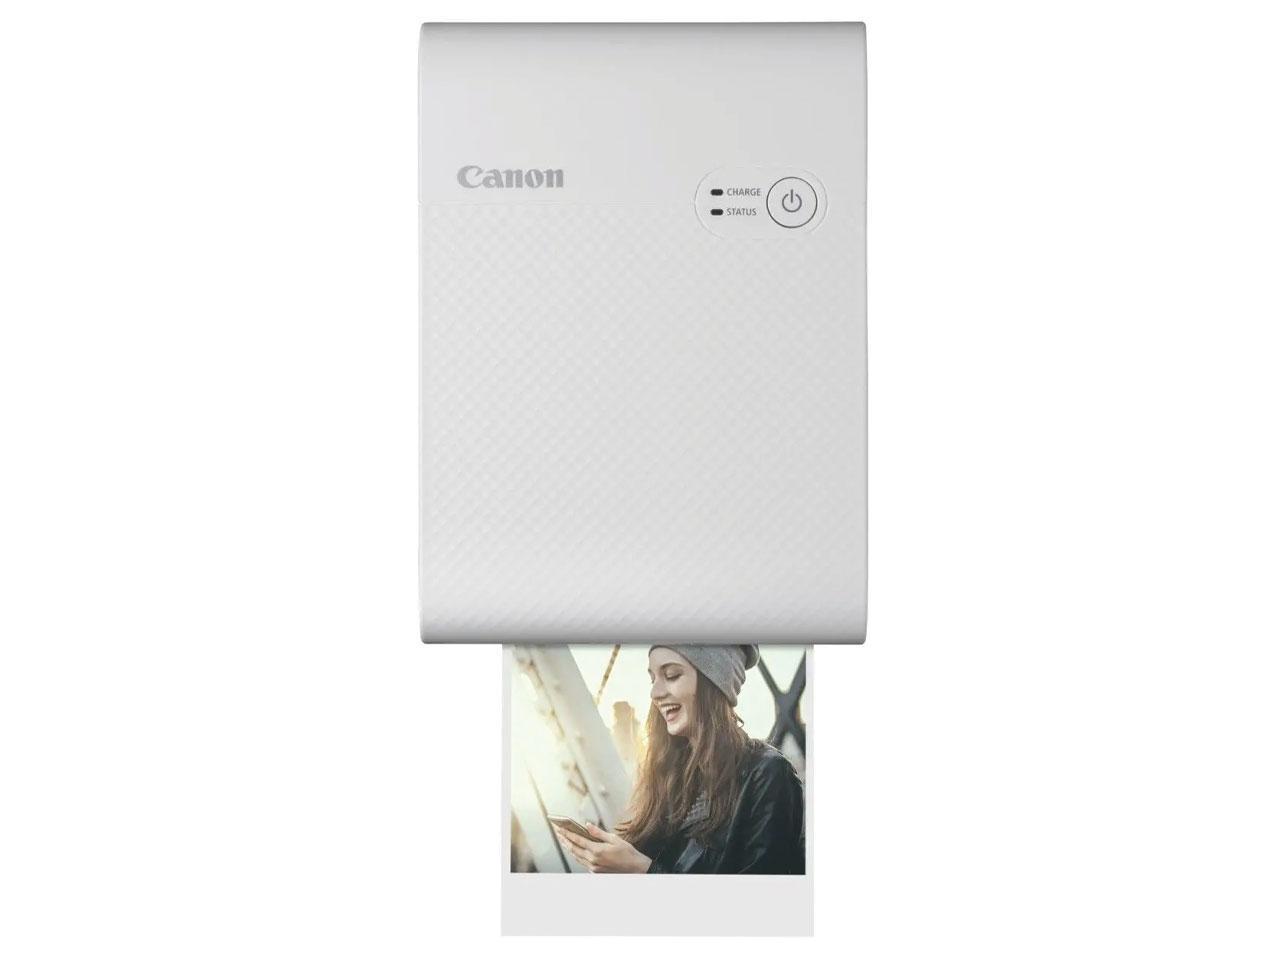 CANON Selphy Square QX10, bílá + 100 Kč na dárky nebo další nákup | CHAT on-line podpora PO-NE do 23